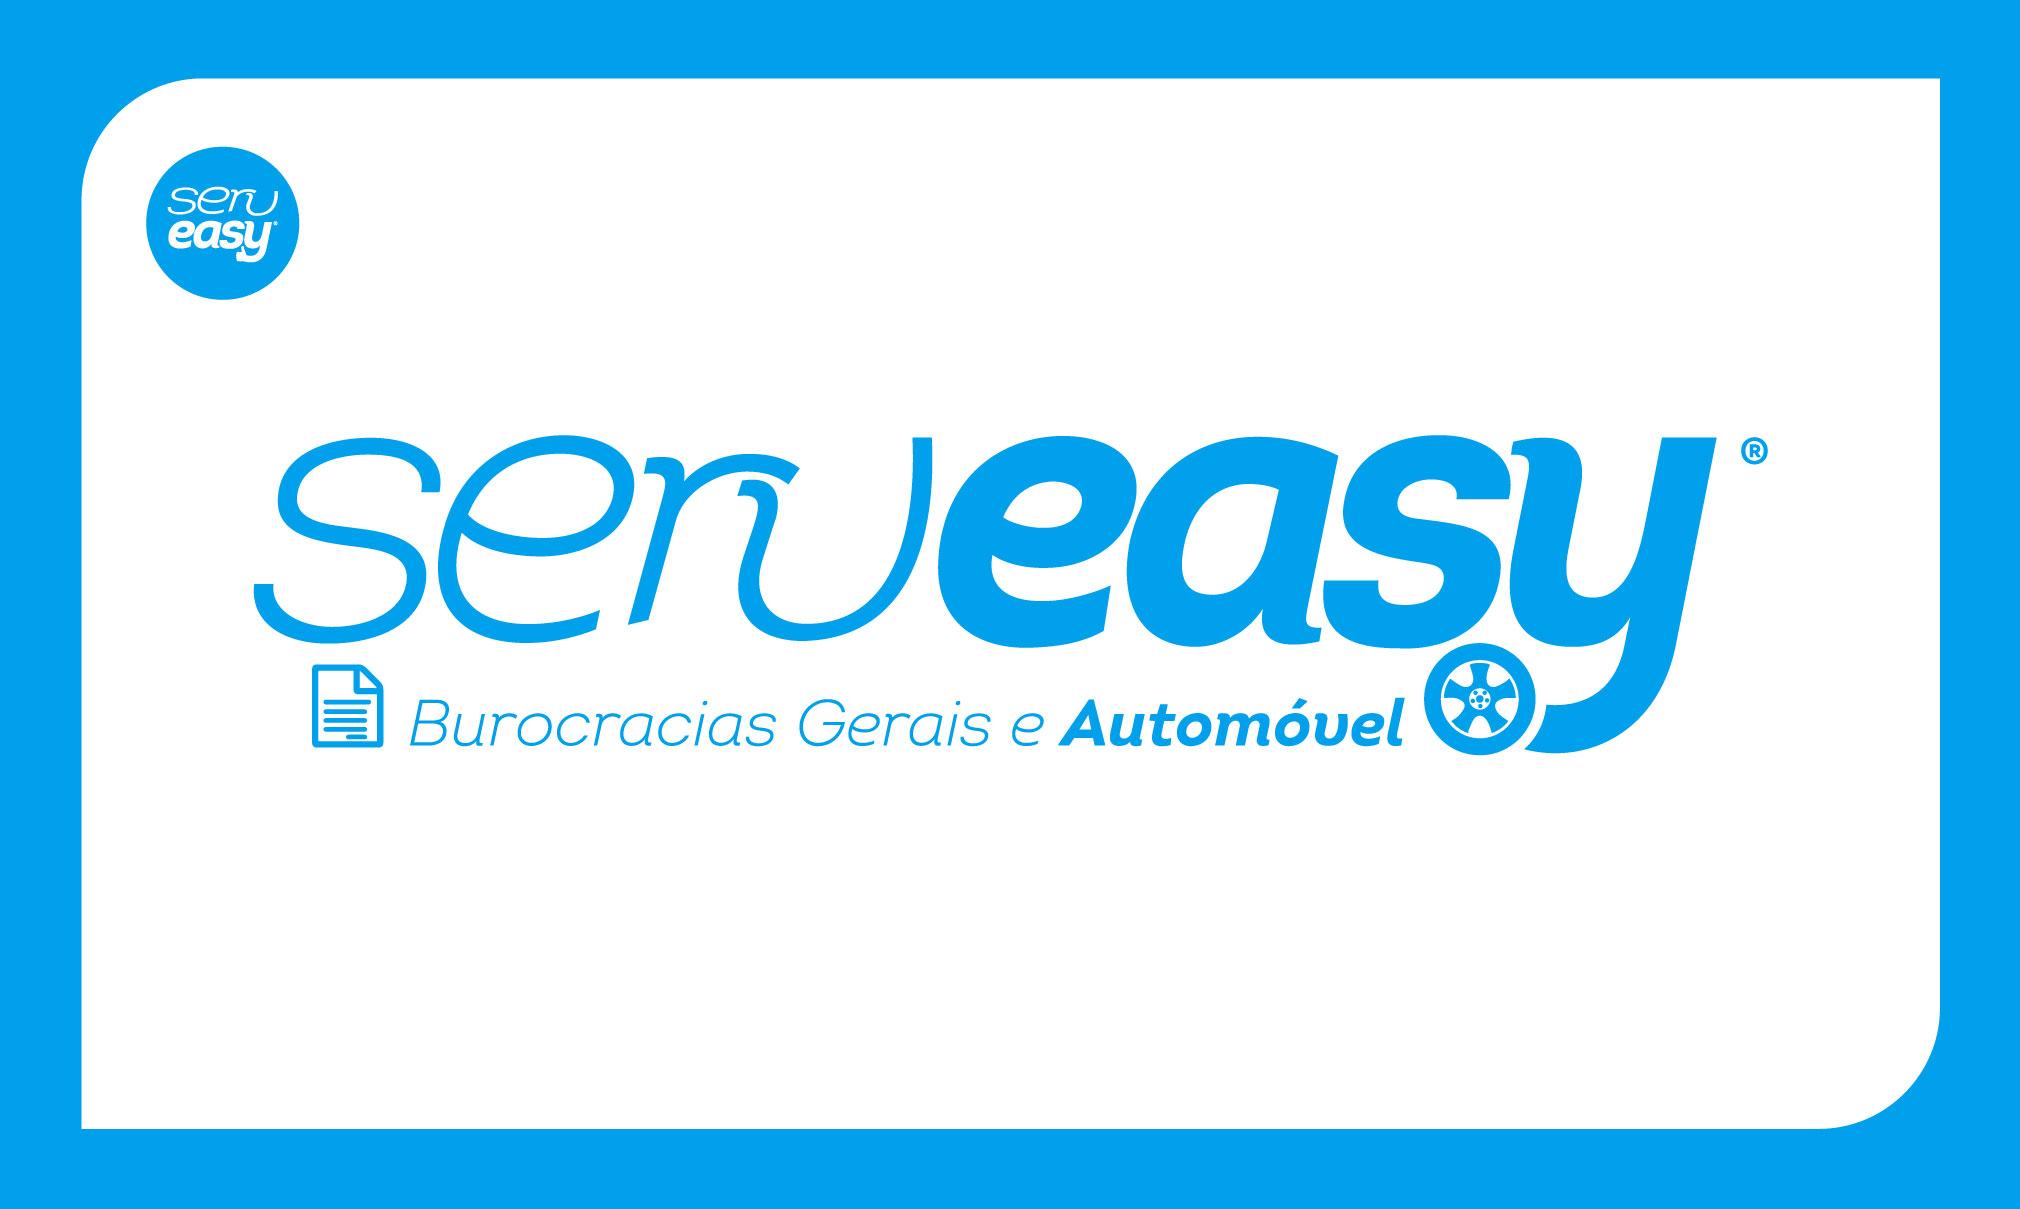 burocracias gerais e automóvel